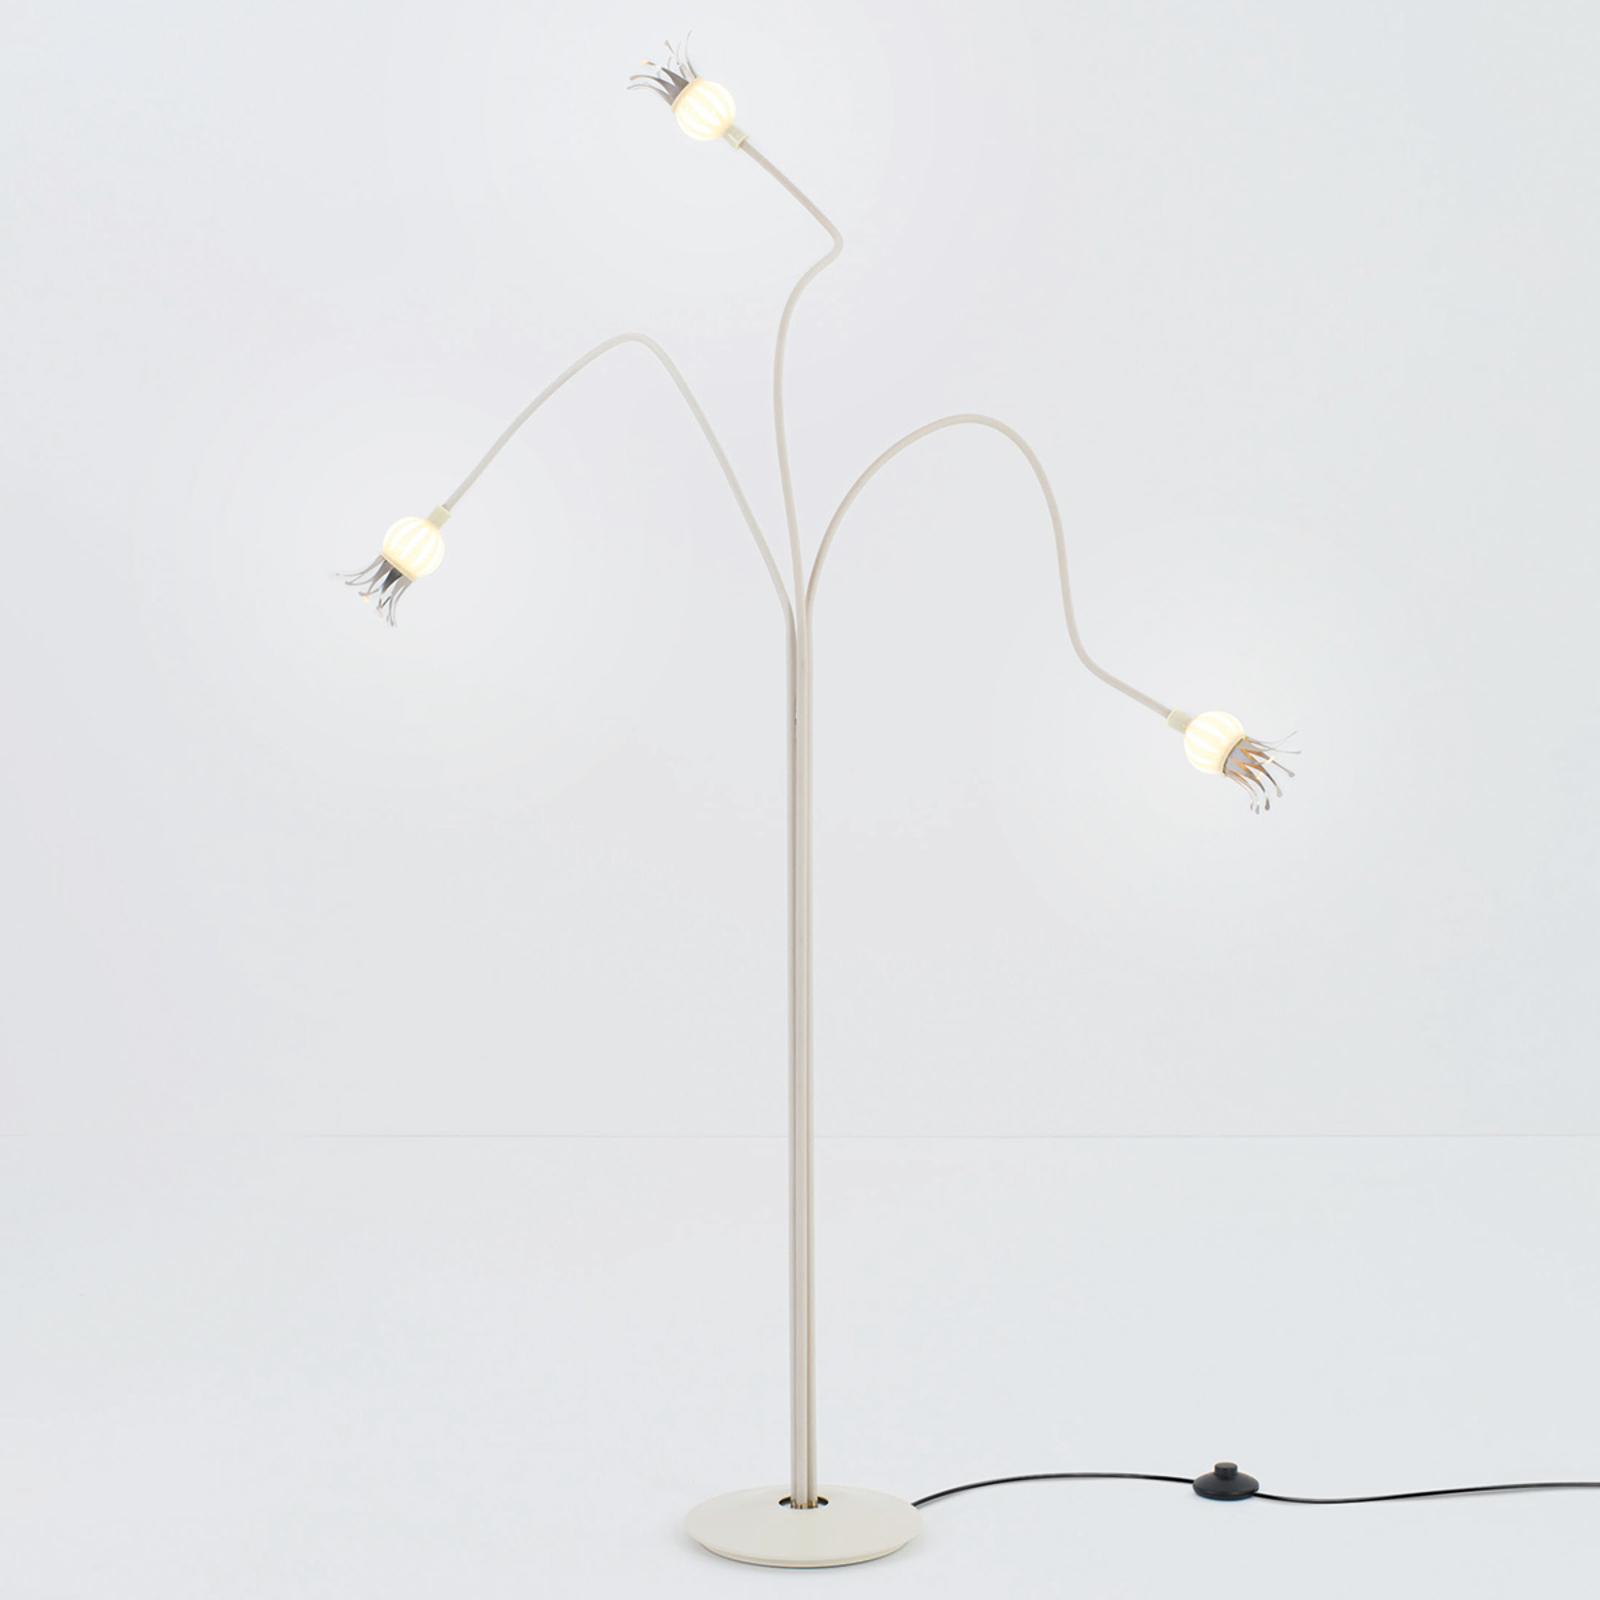 Lampa stojąca Poppy z trzema giętkimi ramionami